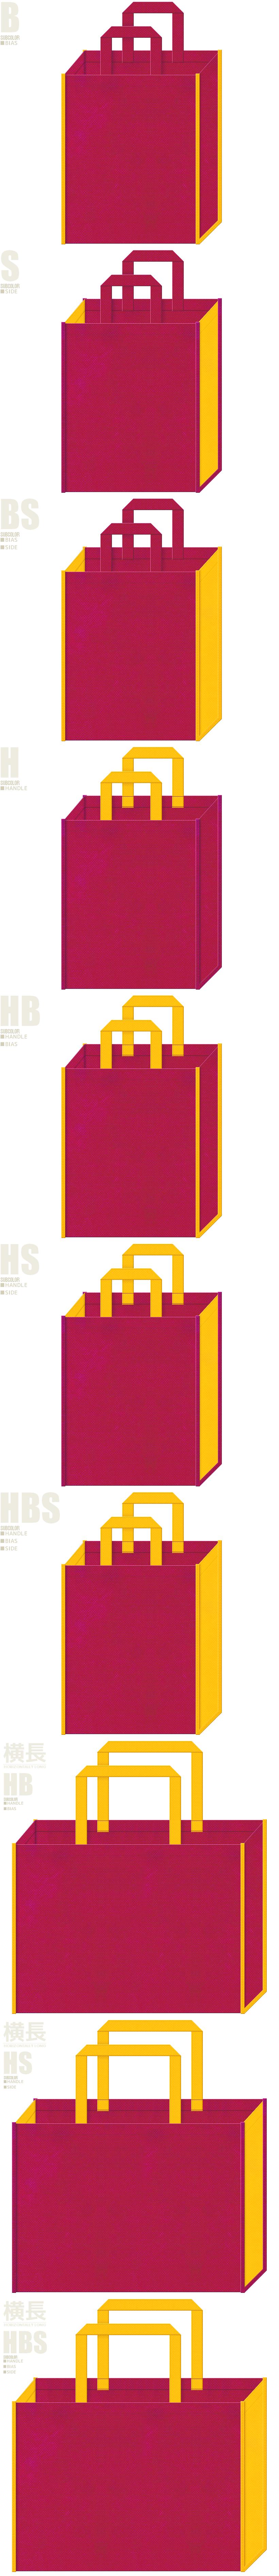 通園バッグ・レッスンバッグ・フラワーパーク・観光・南国リゾート・トロピカル・おもちゃ・テーマパーク・お姫様・ピエロ・サーカス・ゲーム・キッズイベントにお奨めの不織布バッグデザイン:濃いピンク色と黄色の配色7パターン